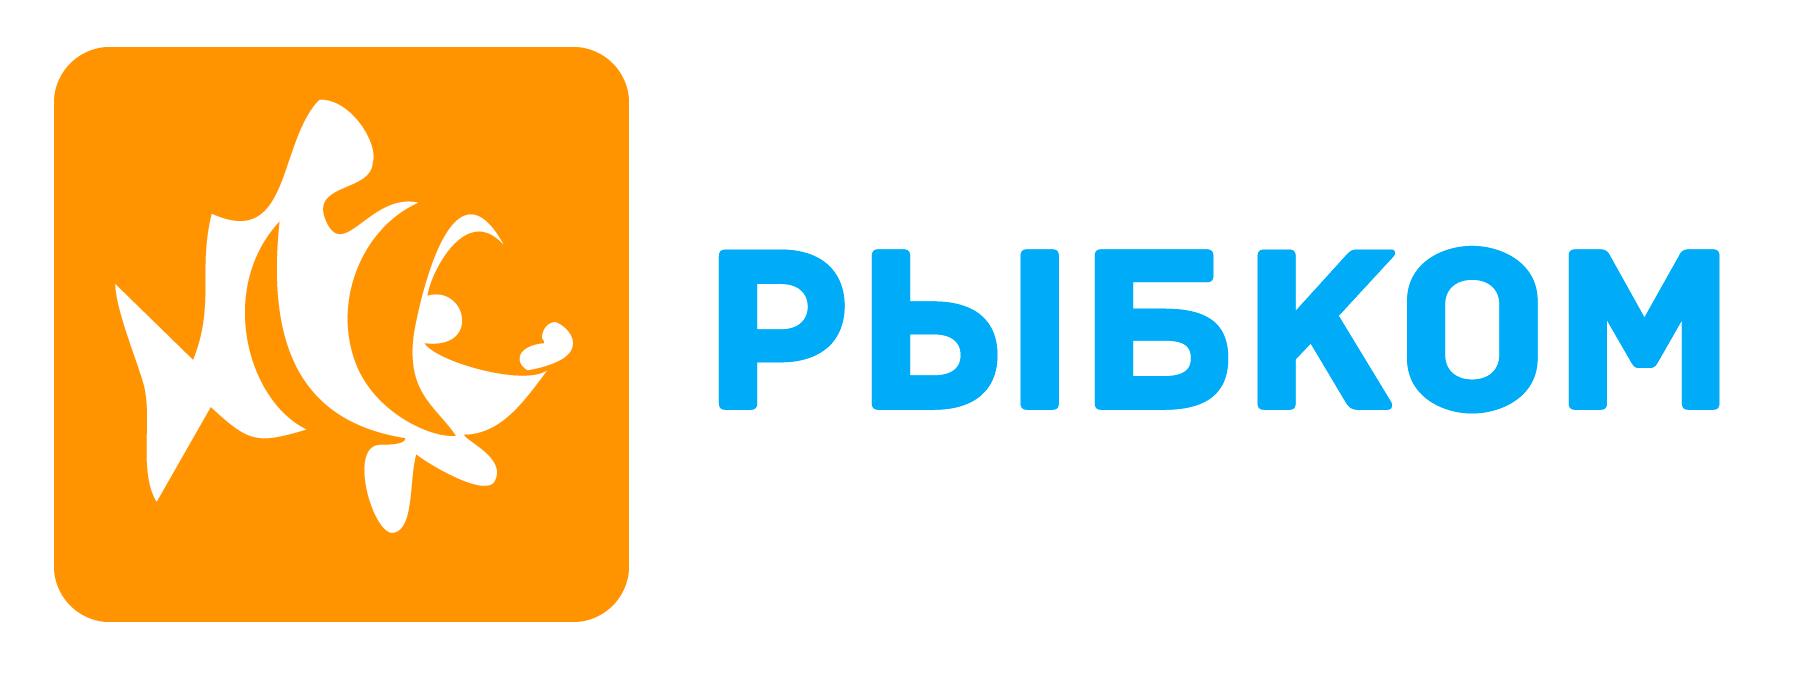 Создание логотипа и брэндбука для компании РЫБКОМ фото f_0965c0932cf023d9.png